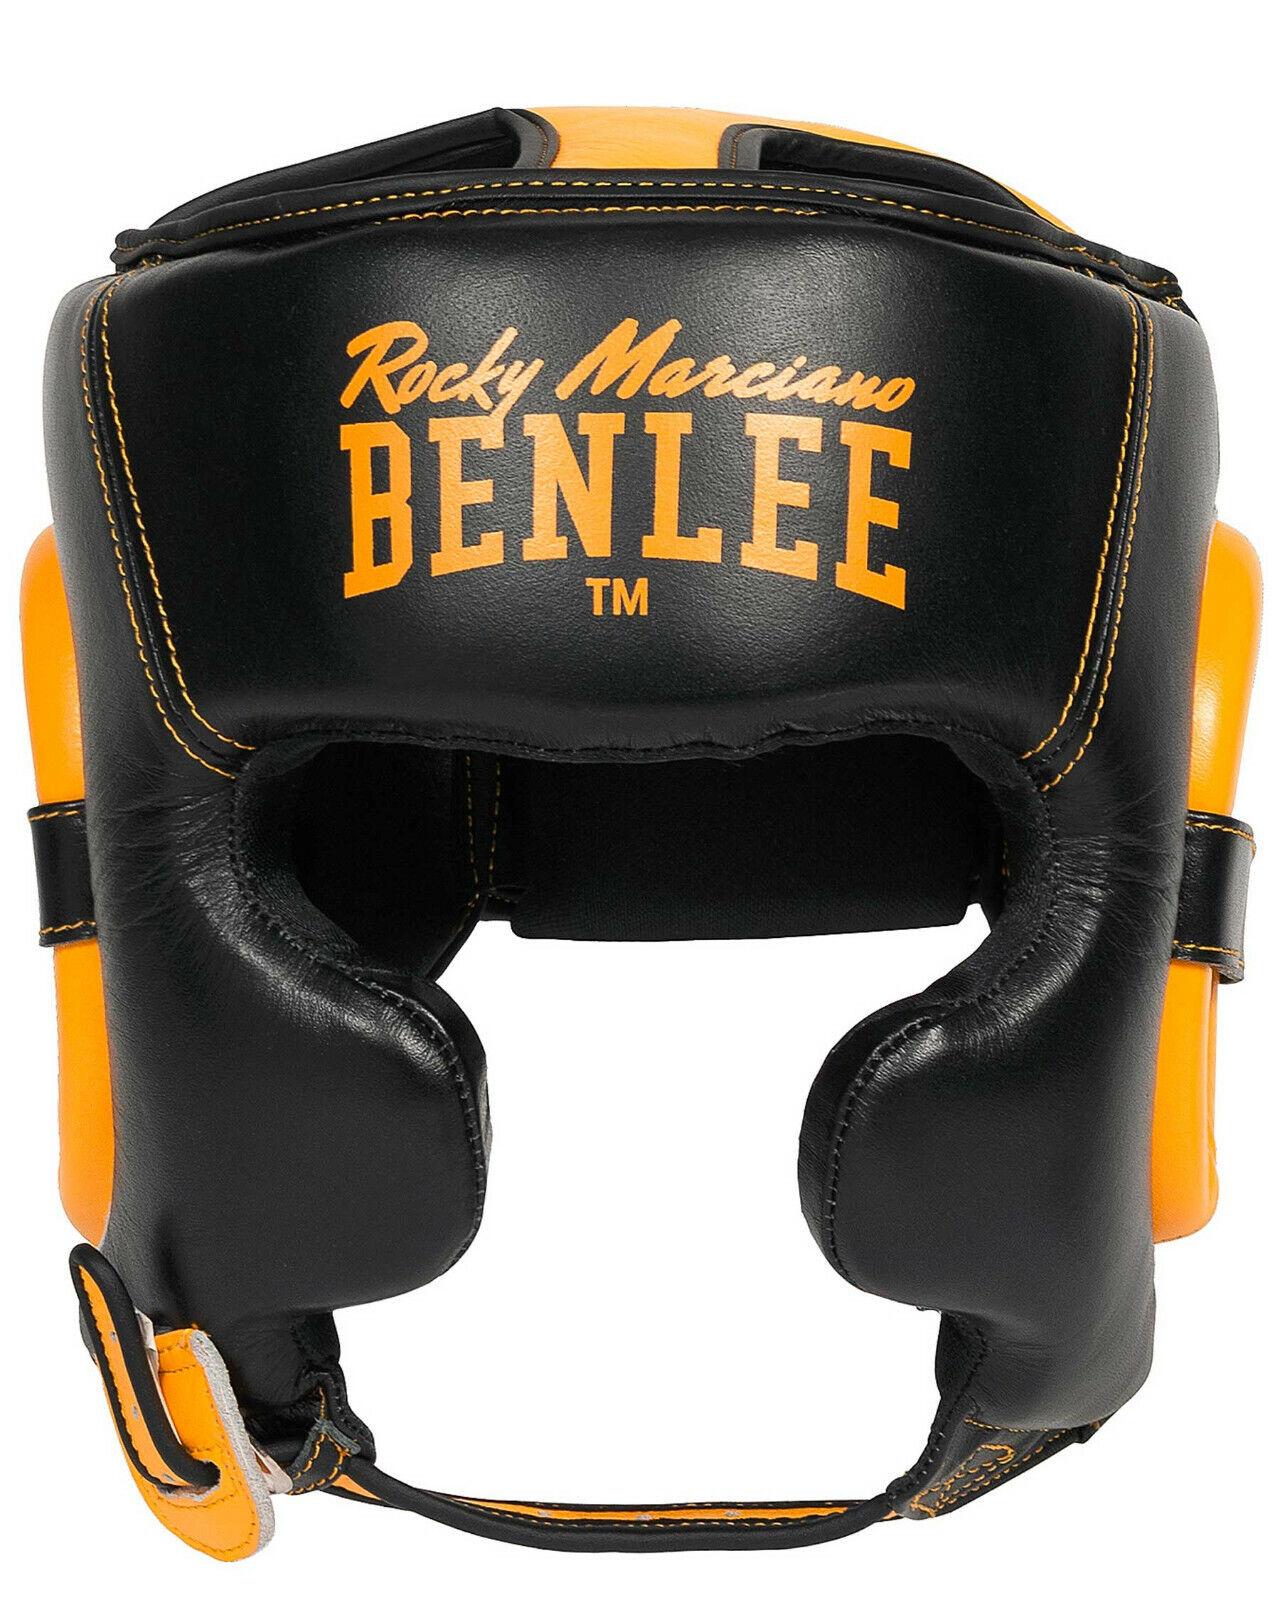 BenLee Kopfschutz Brockton